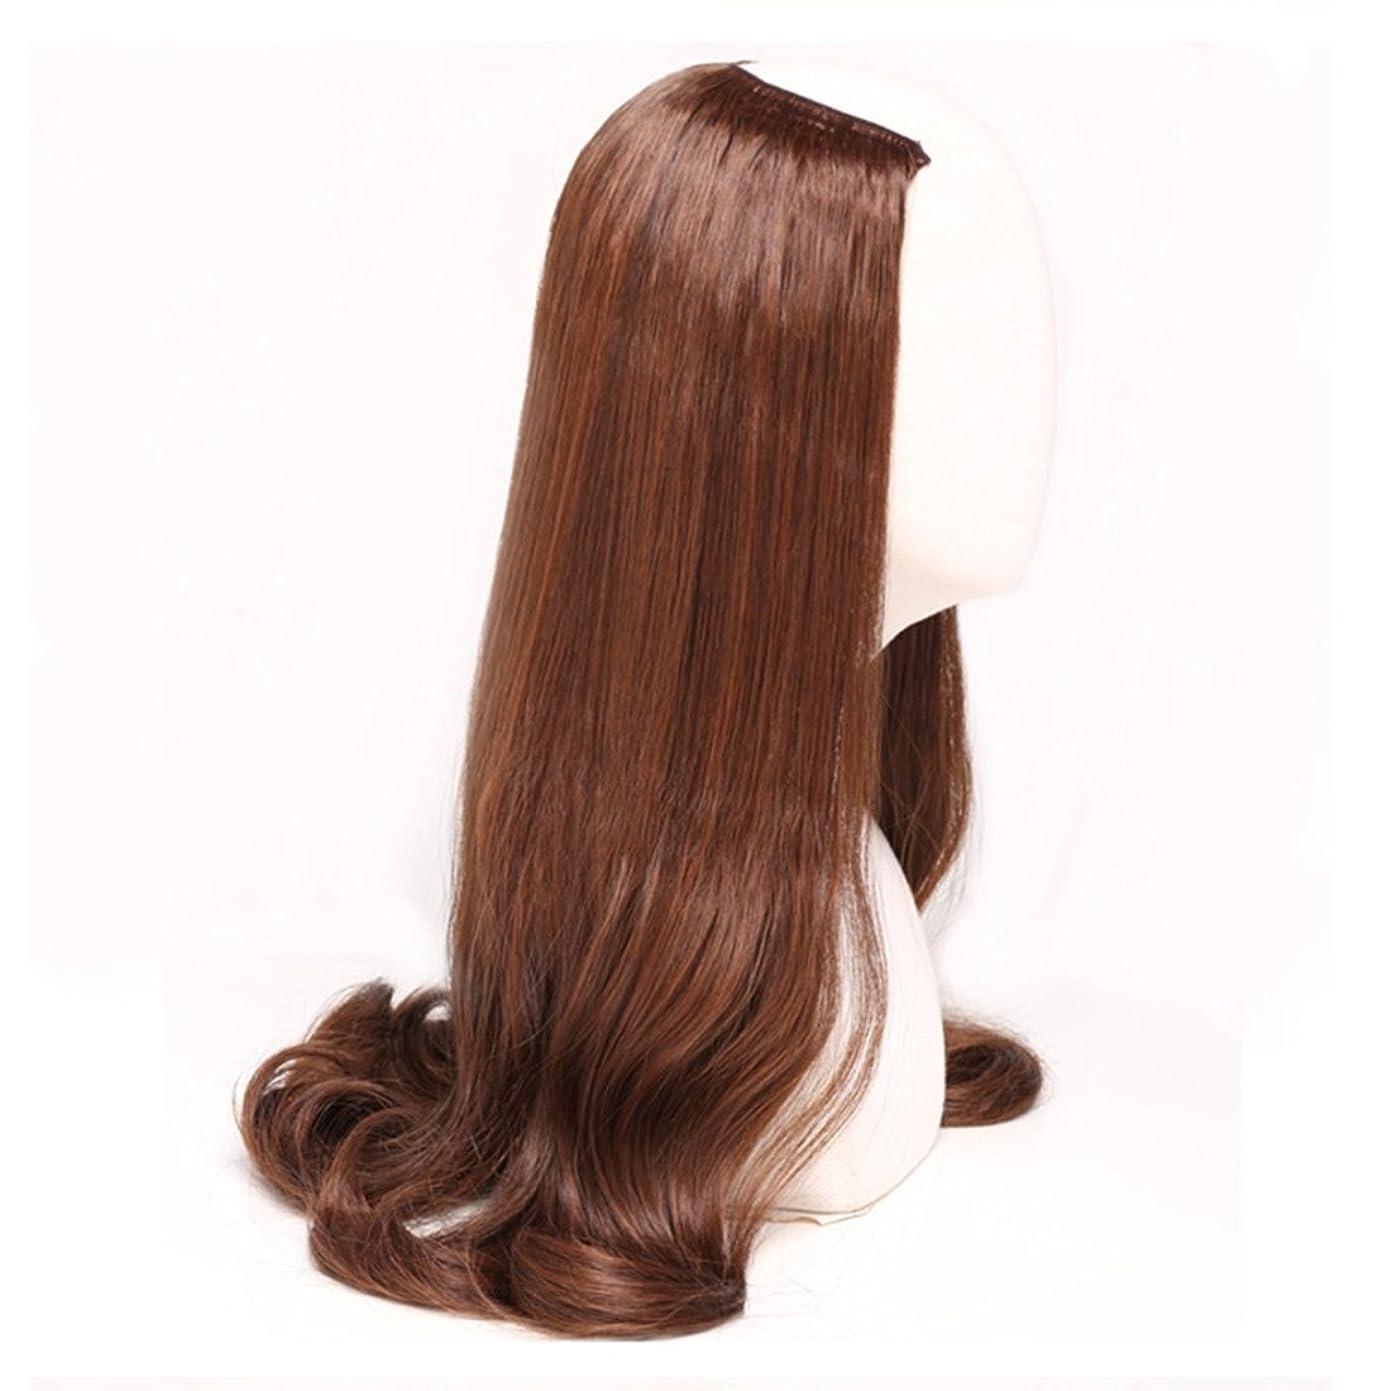 きゅうり大きいメロディーJIANFU 女性のための半分のかつら人間の長いカーリーヘアU字型かつら合成高温ウィッグなしトレースと目に見えない髪220g (Color : ブラウン)